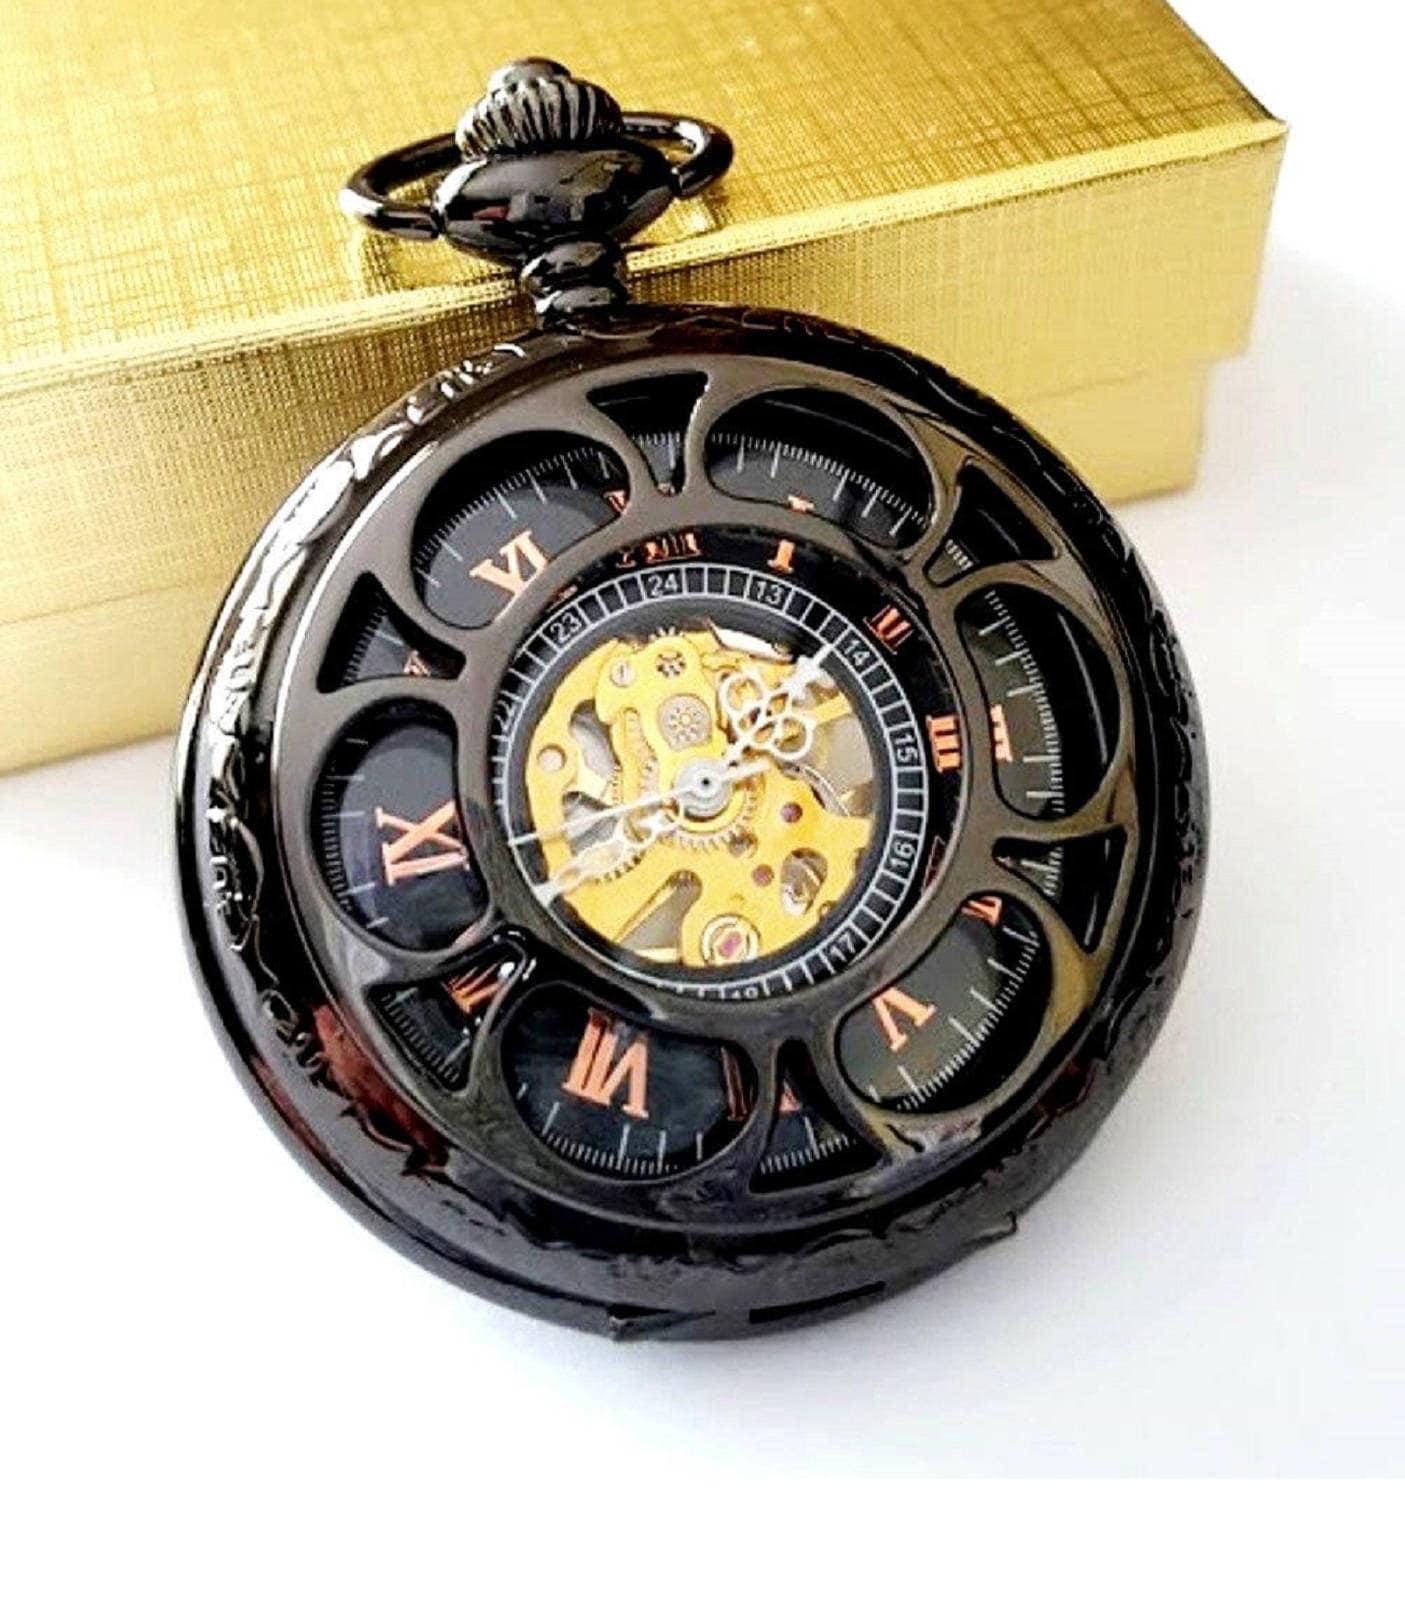 Wedding Gift Watches: Pocket Watch Groomsmen Gift Wedding Pocketwatch